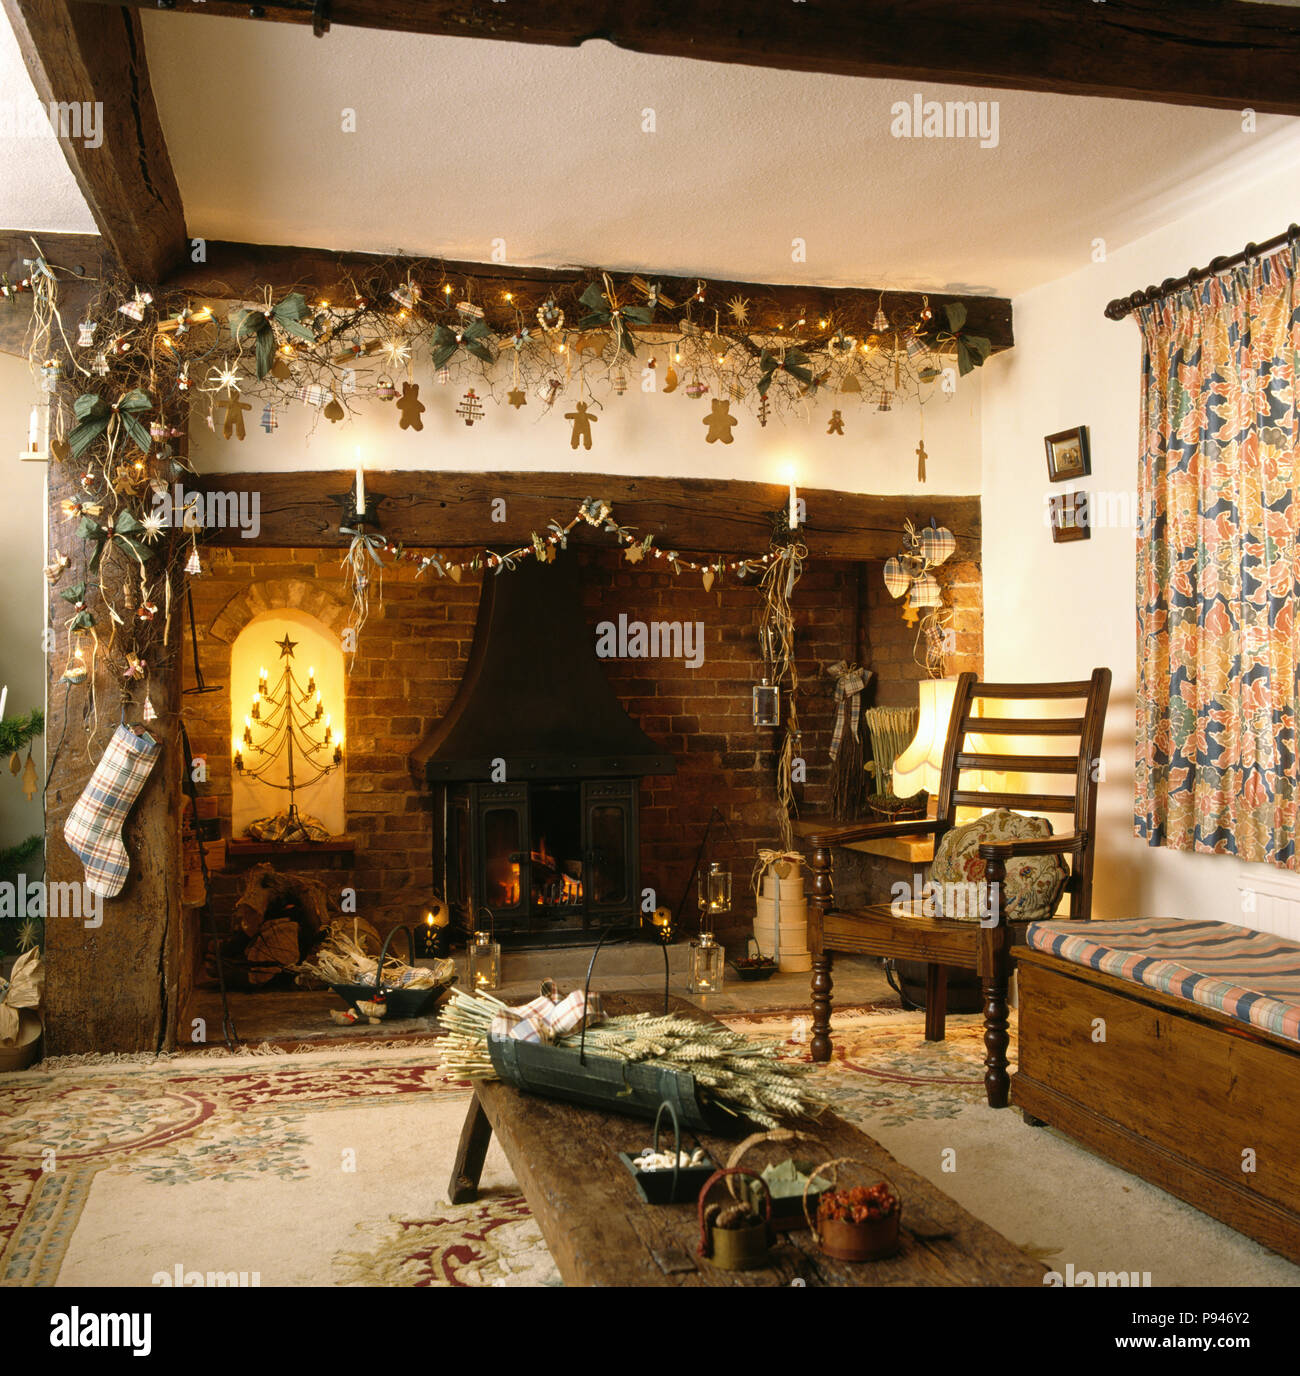 d corations de no l faites maison sur potence au dessus de. Black Bedroom Furniture Sets. Home Design Ideas